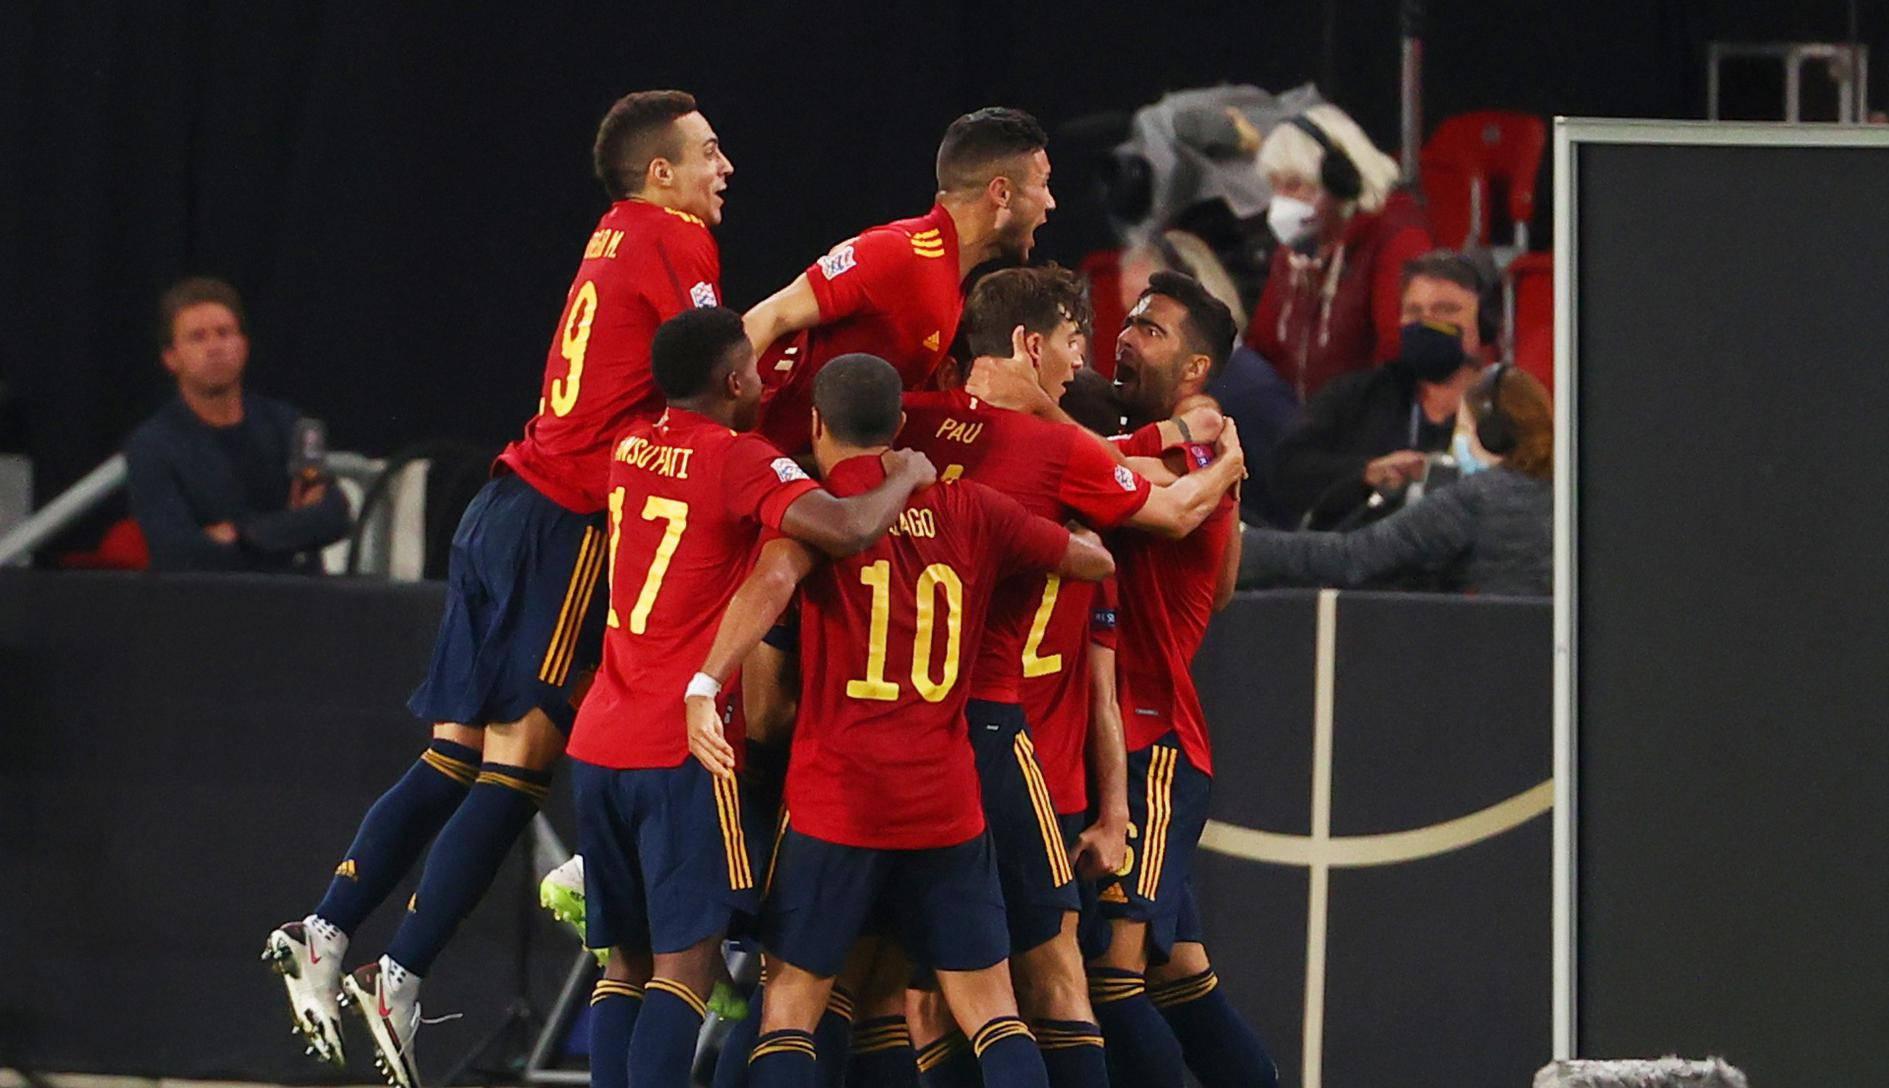 UEFA Nations League - League A - Group 4 - Germany v Spain